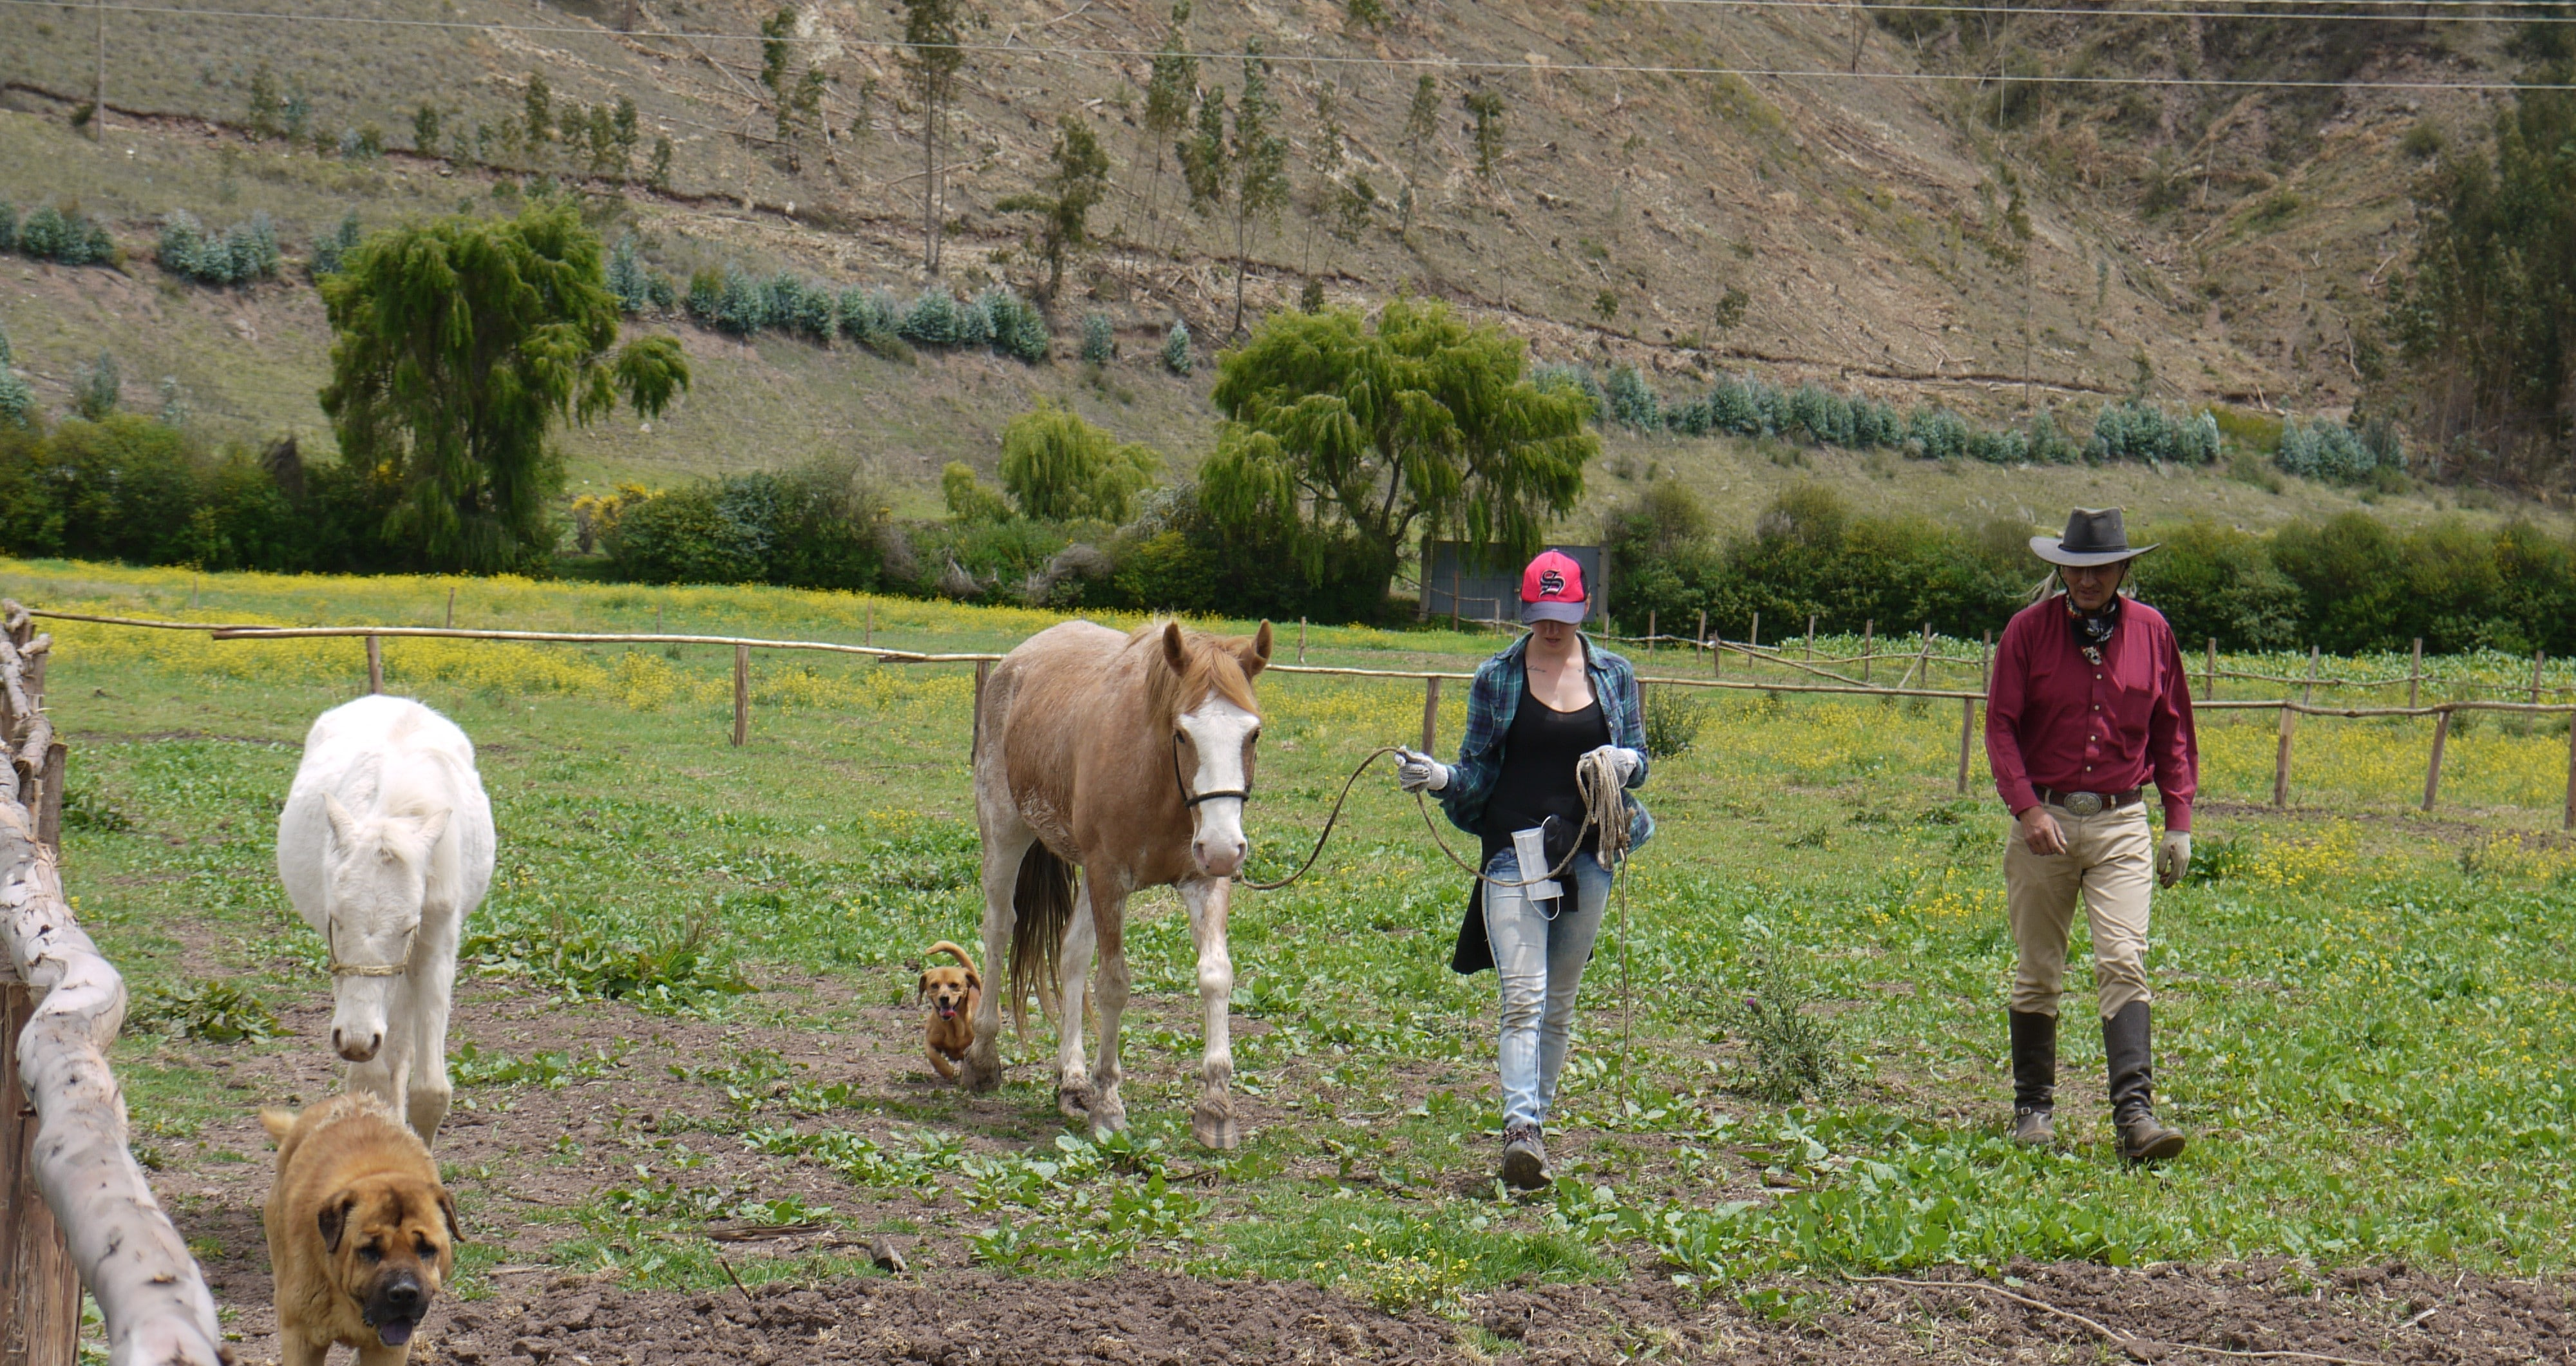 Volunteer walking horse